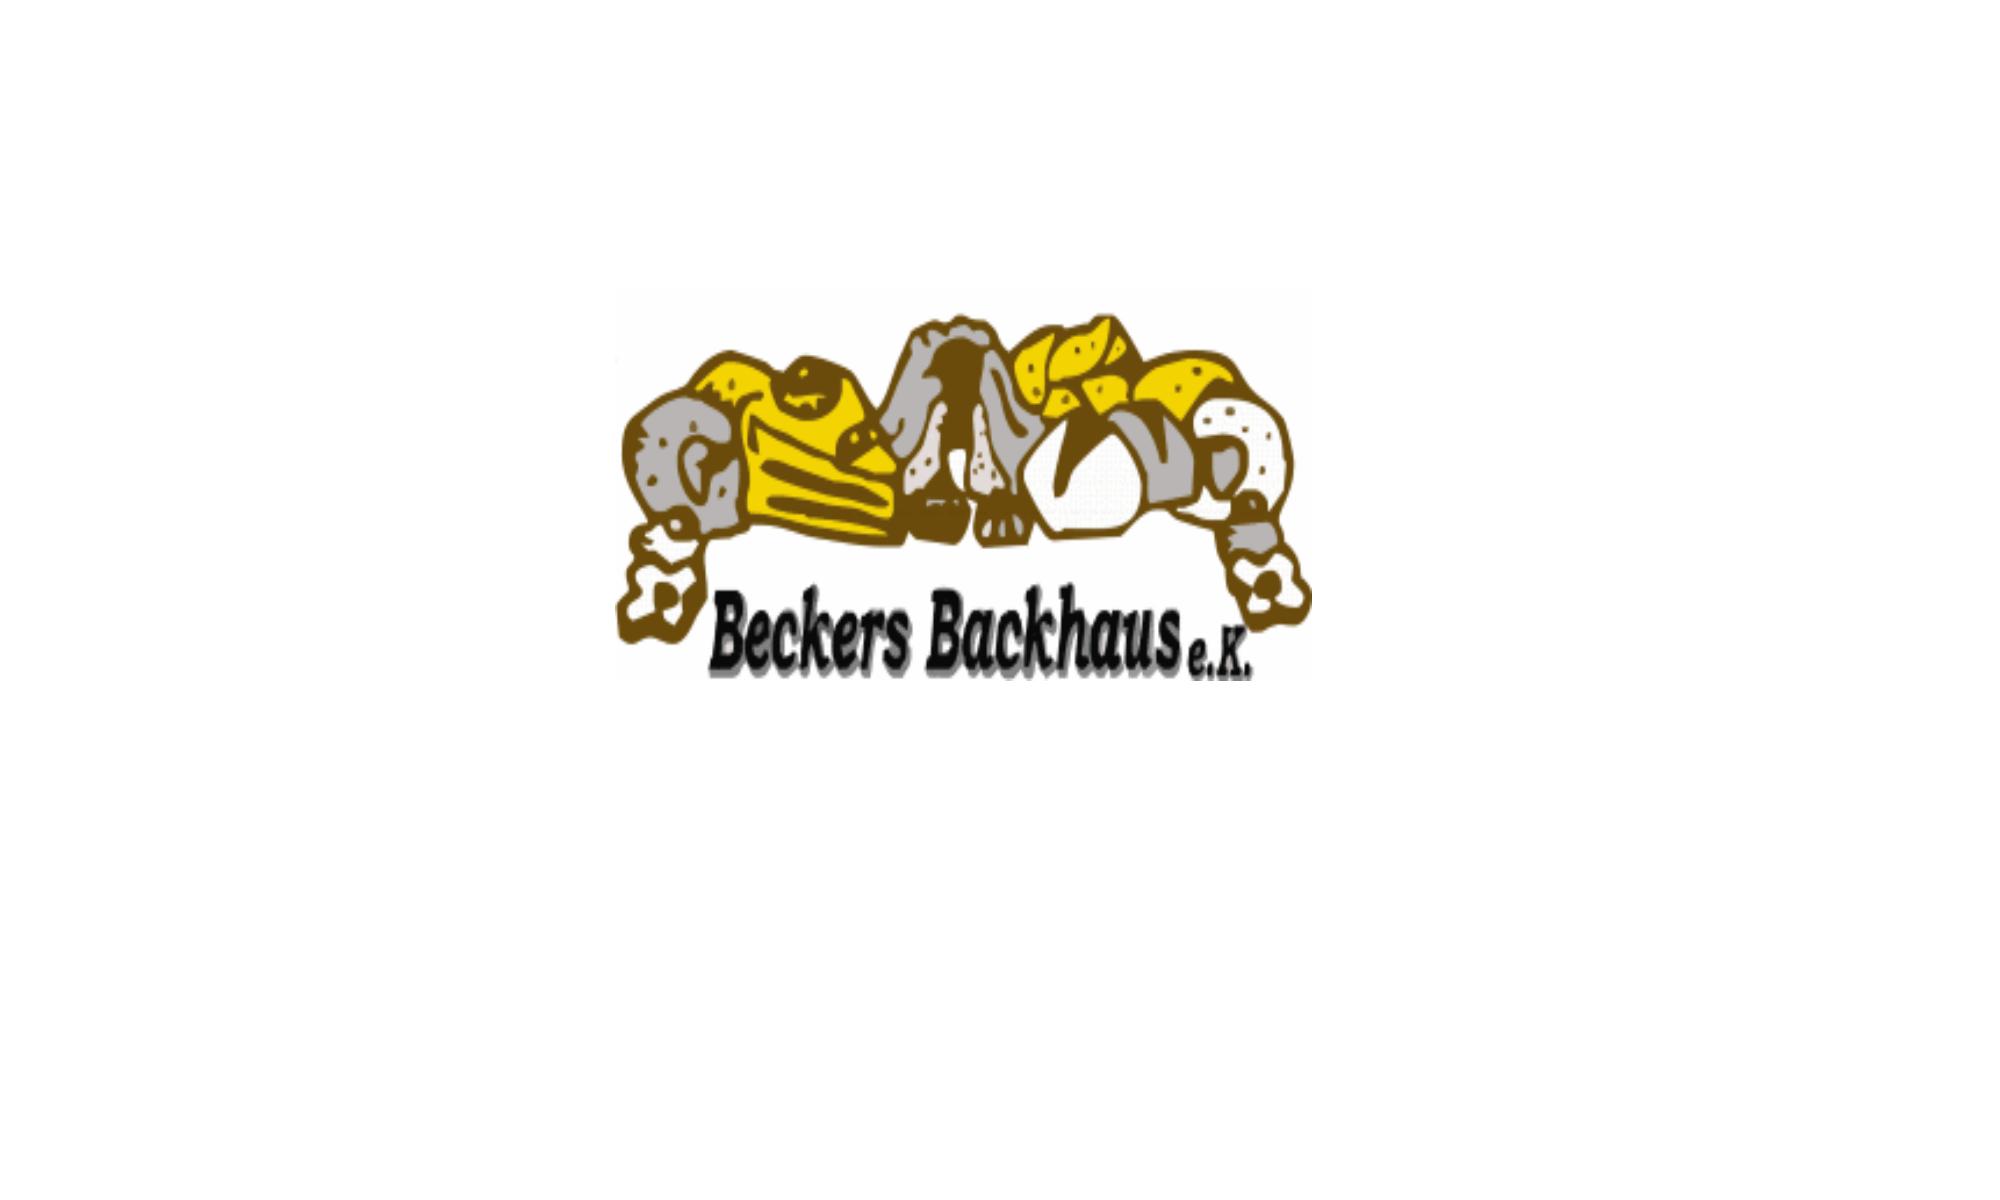 Beckersbackhaus